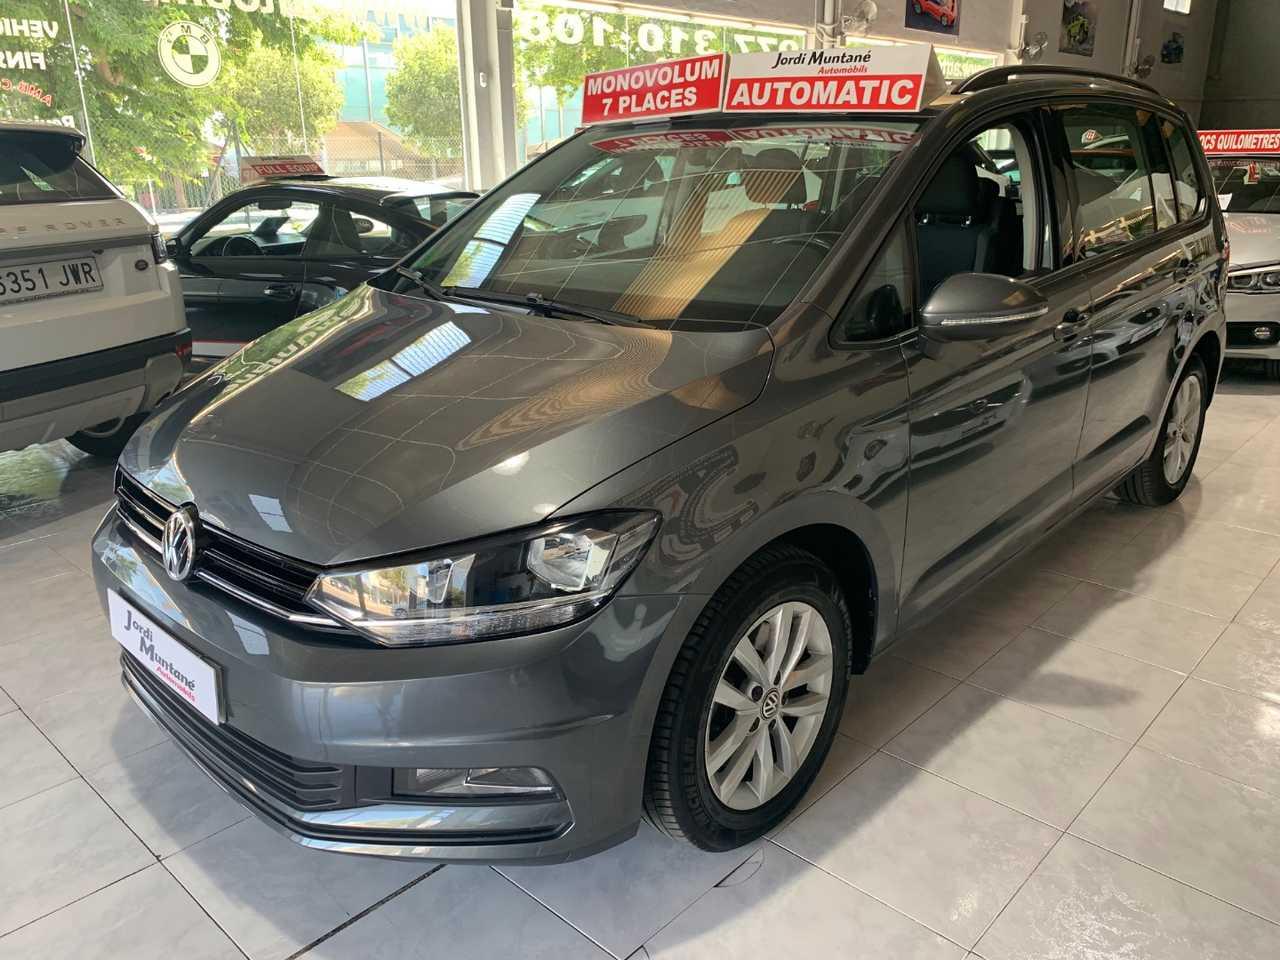 Volkswagen Touran 1.6 TDI 115CV .- '' Automático DSG '' -. 7 Plazas .-